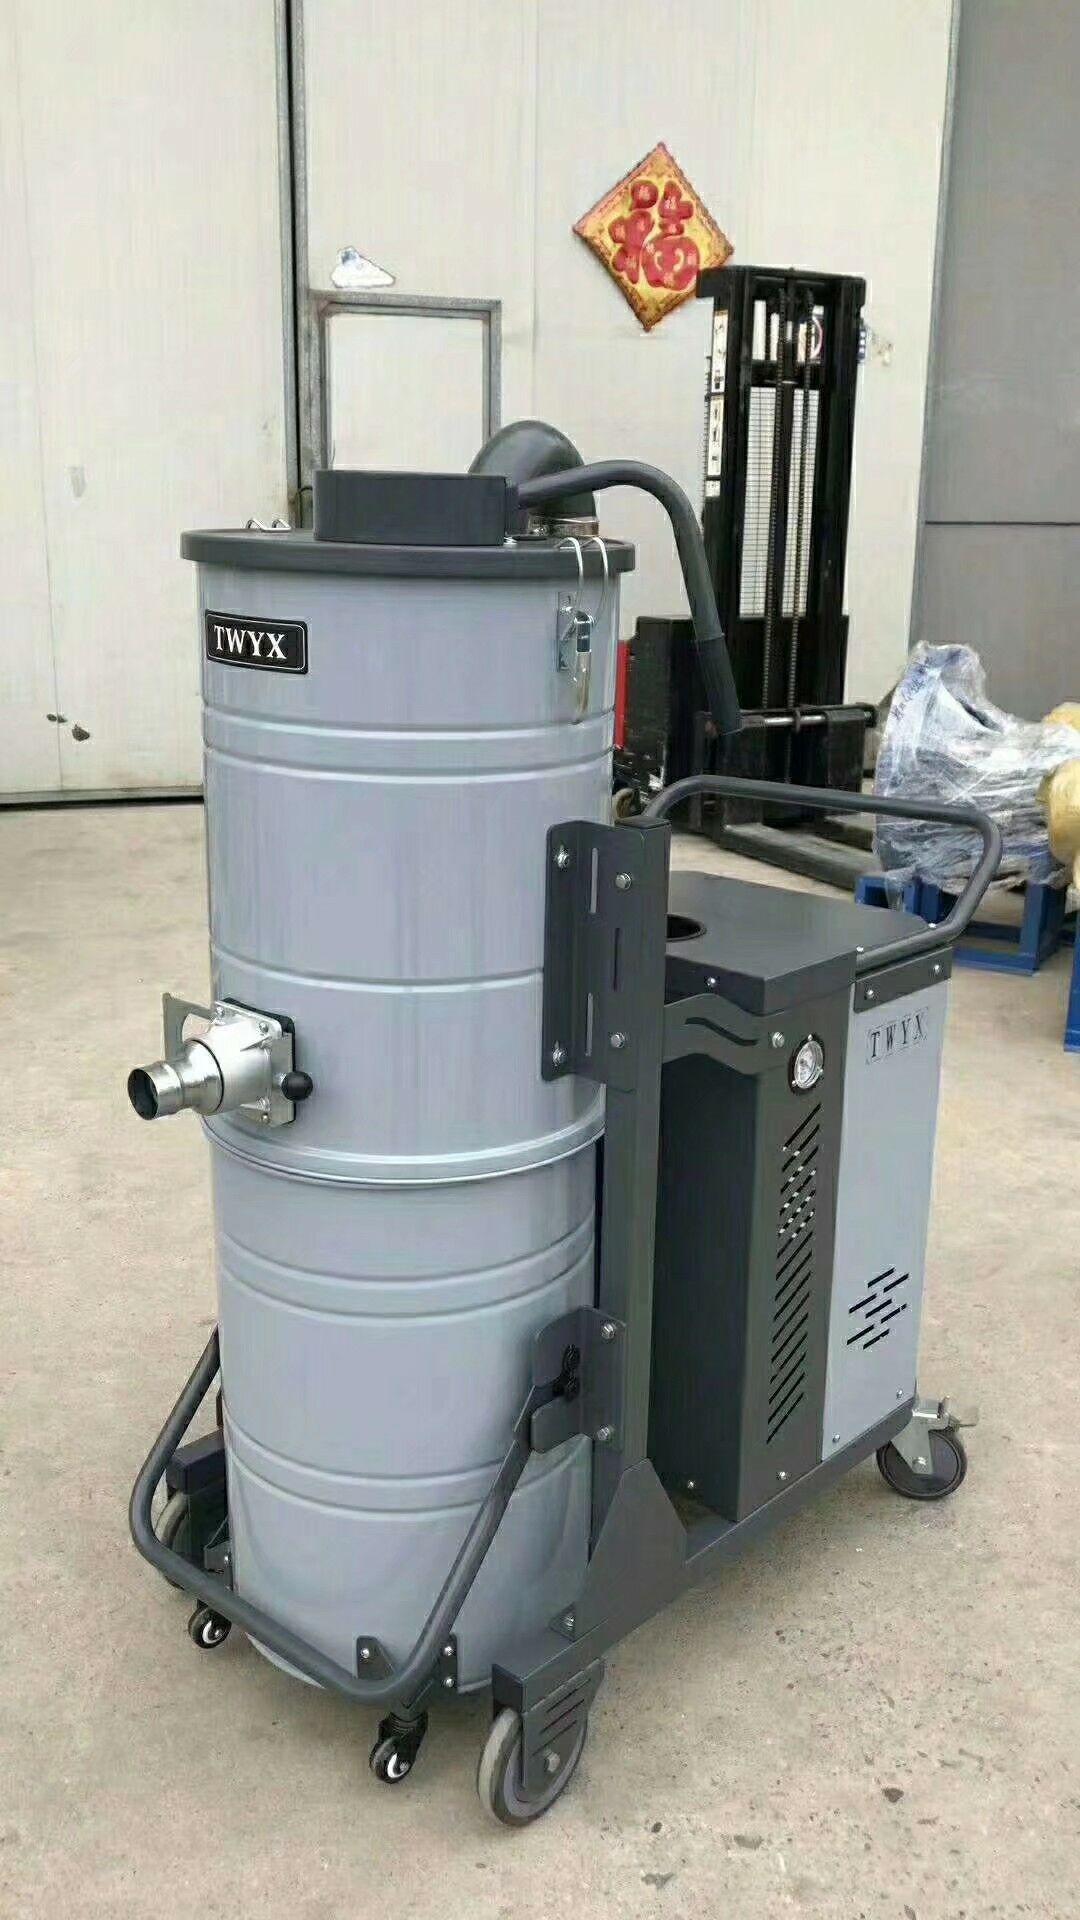 厂家直销地坪研磨粉尘吸尘器 车间地面打磨集尘器 移动式吸尘器示例图9